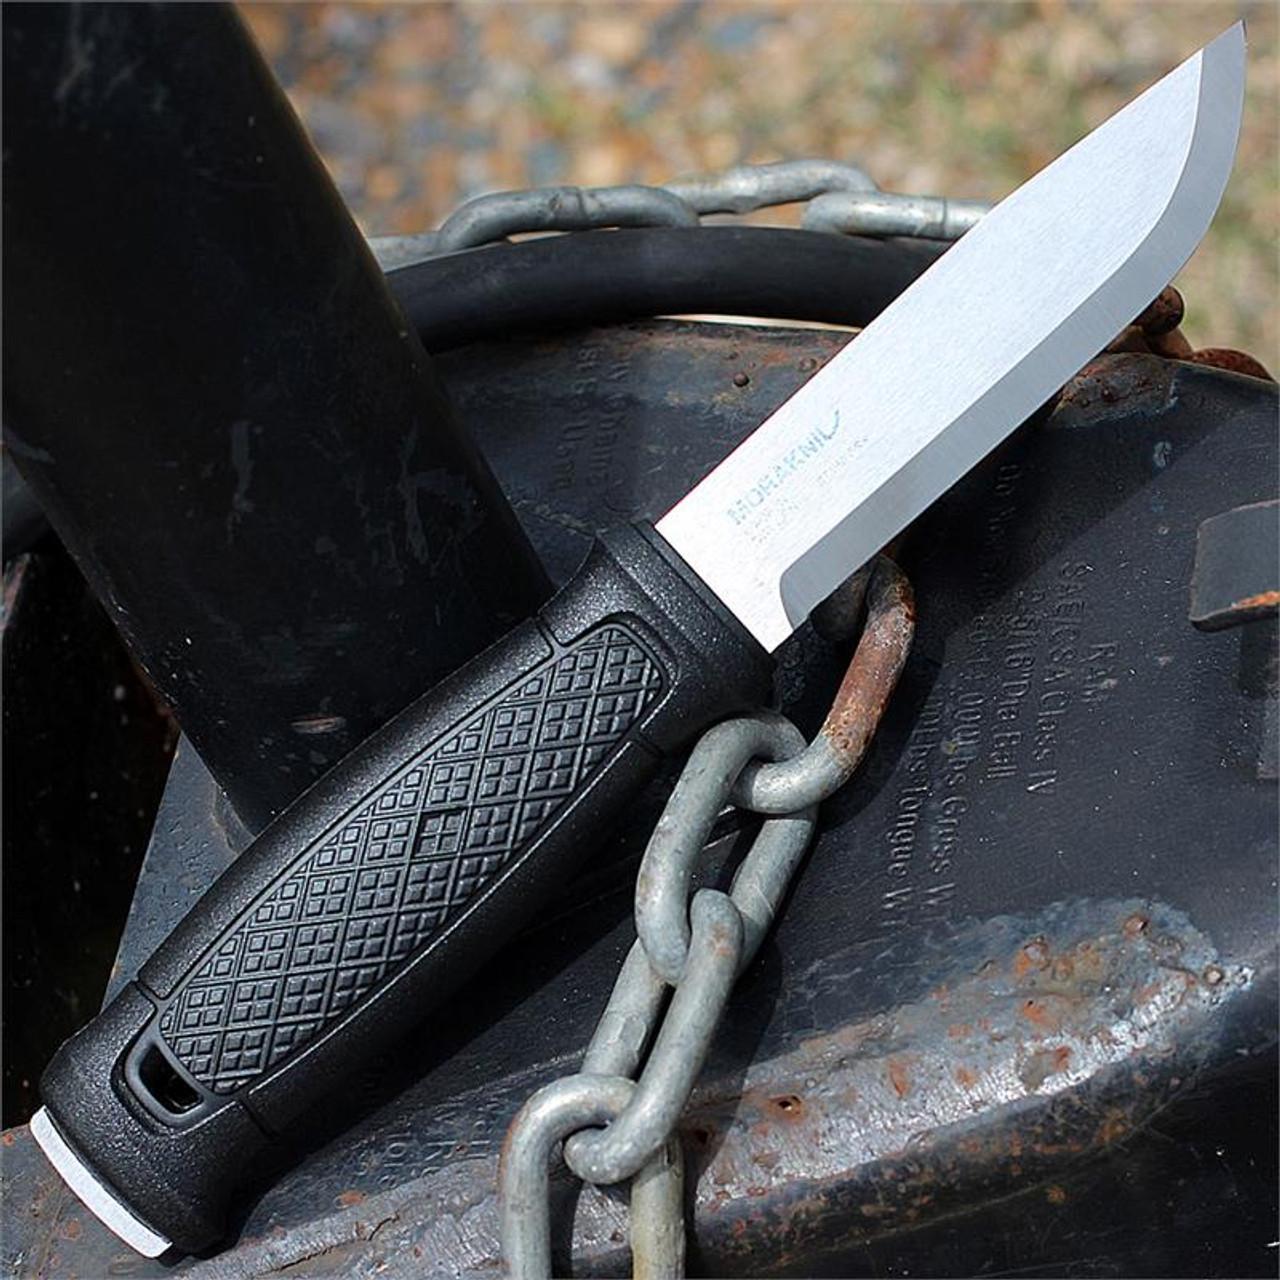 Morakniv Garberg Full Tang, Leather Sheath